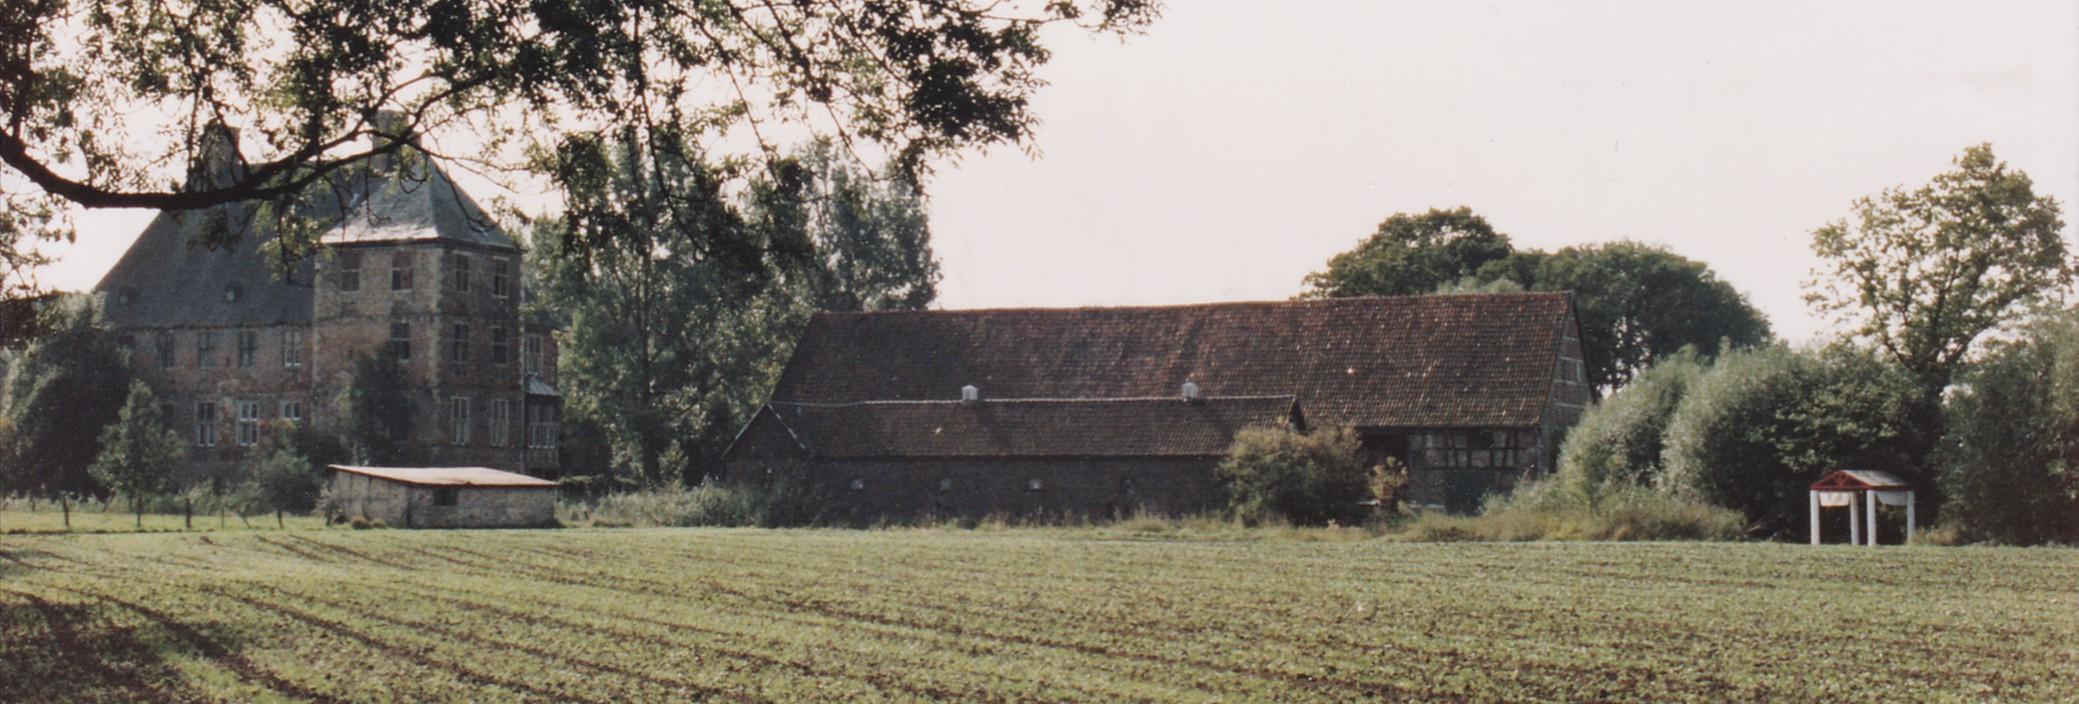 Panorama_mit_Schloss 1-1